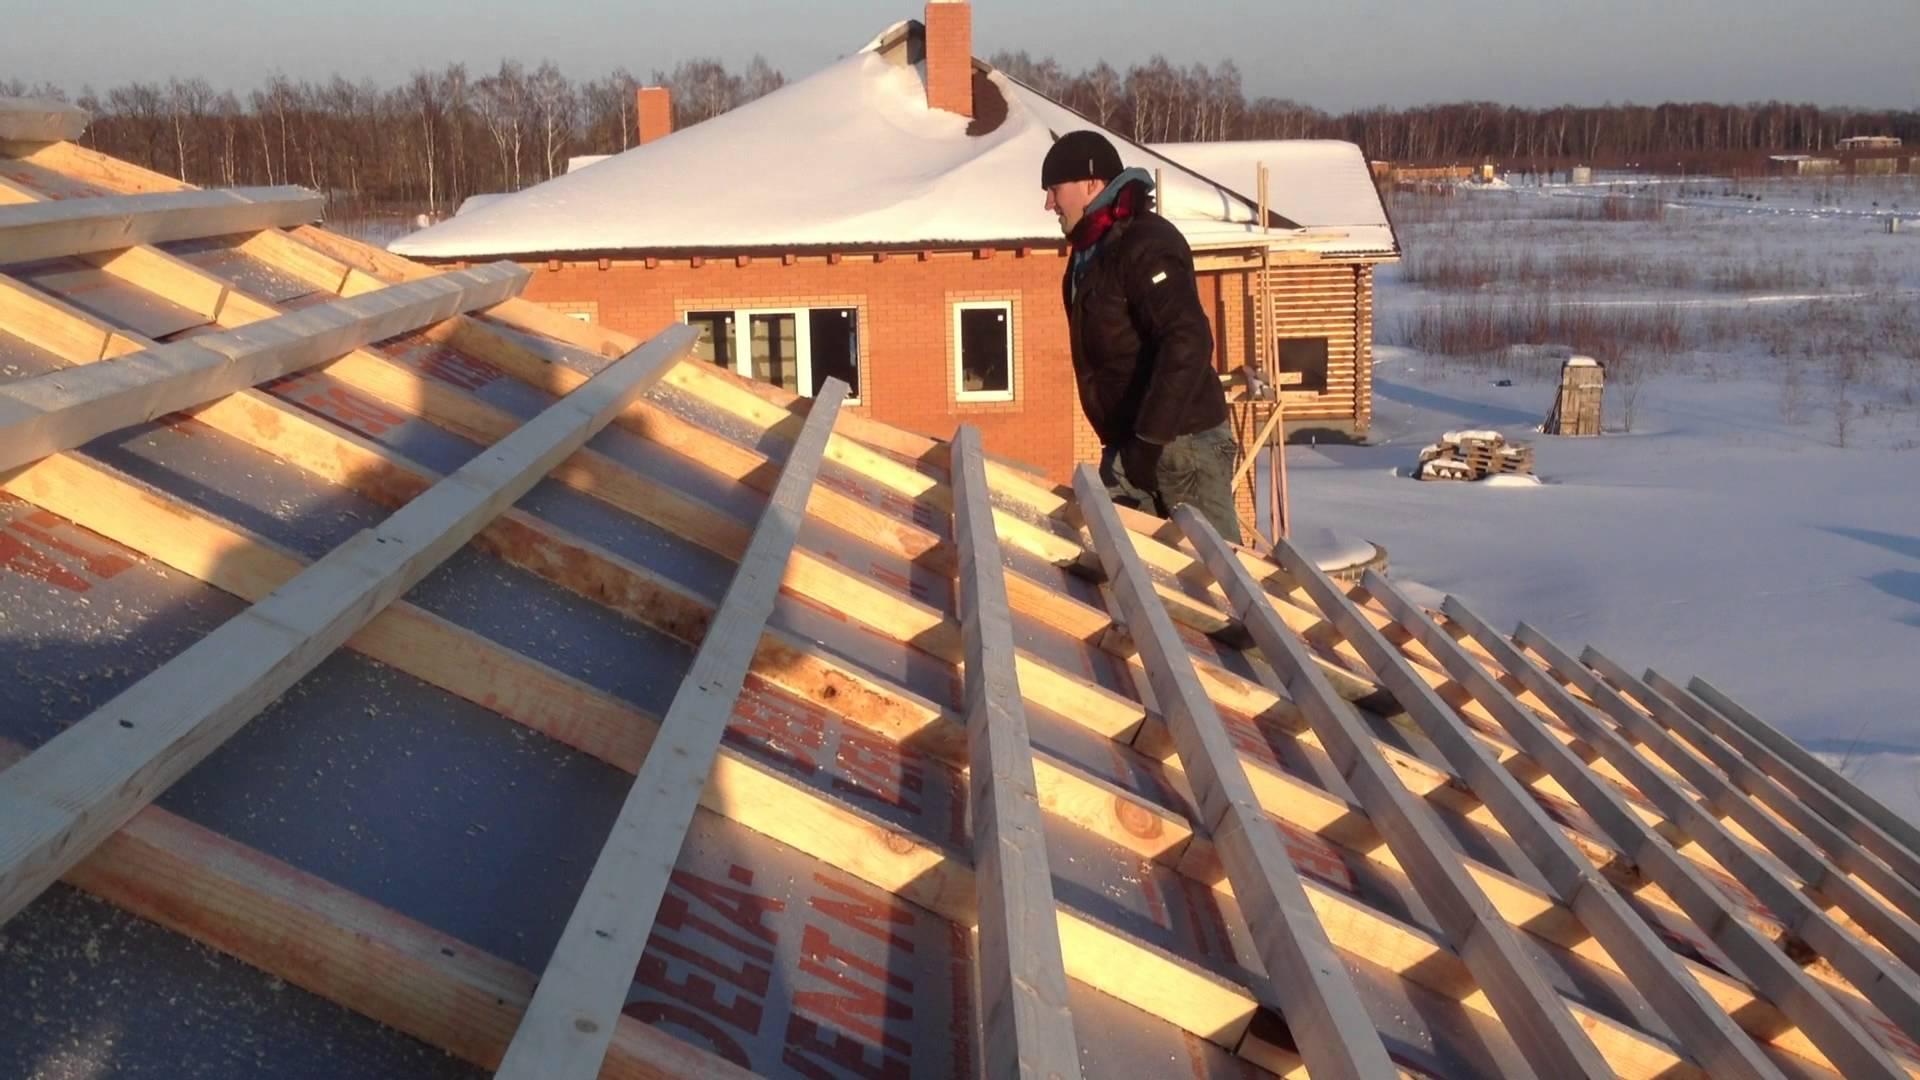 картинки перекрытия крыши компания занимается проектированием